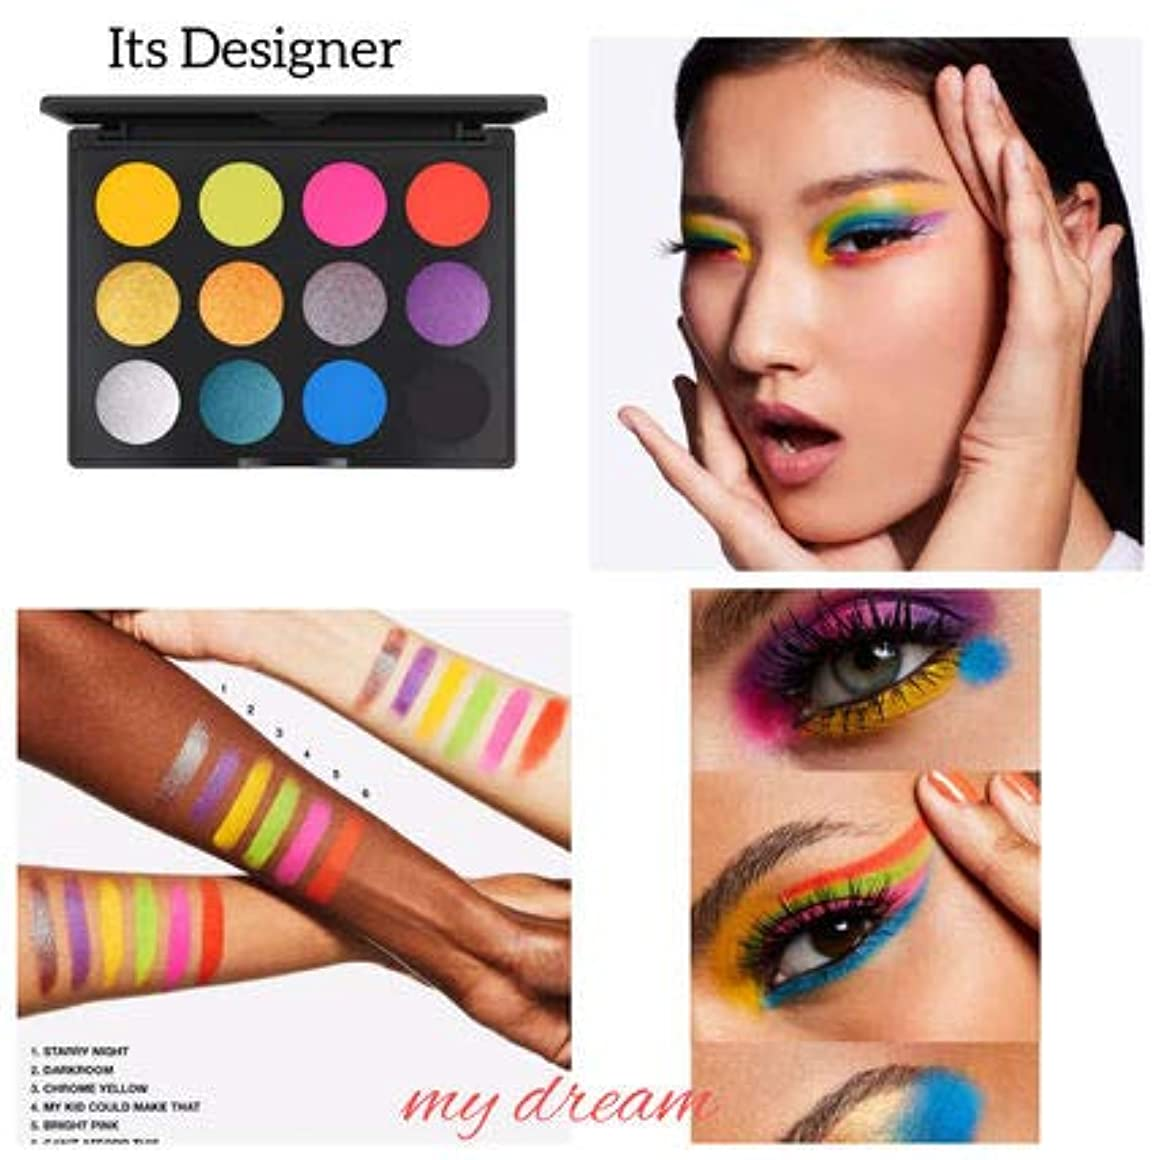 同意する店員配管MAC マック Art Library Eyeshadow Paletteアイシャドウ パレット12色ITS DESIGNER [並行輸入品]